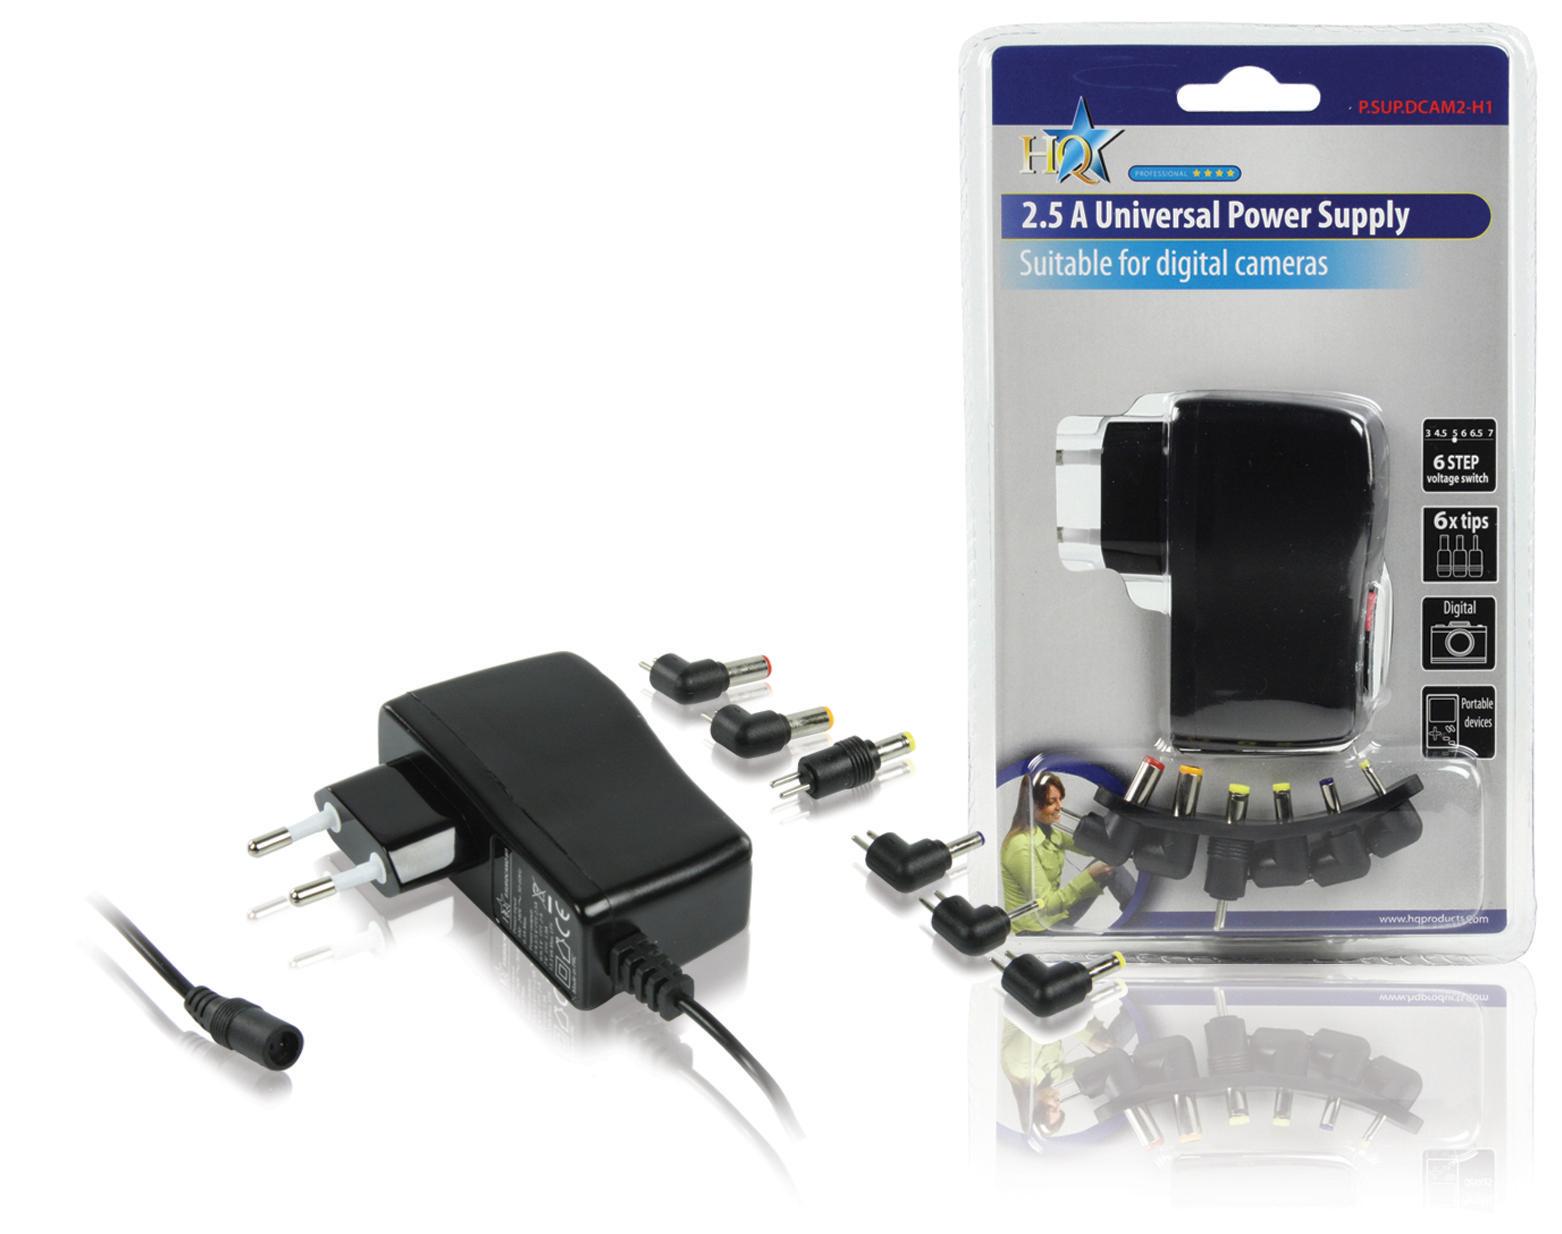 Billede af Universal Ac Power Adapter 3 / 4.5 / 5 / 6 / 6.5 / 7 VDC 1.9 A - 2.5 A Sort